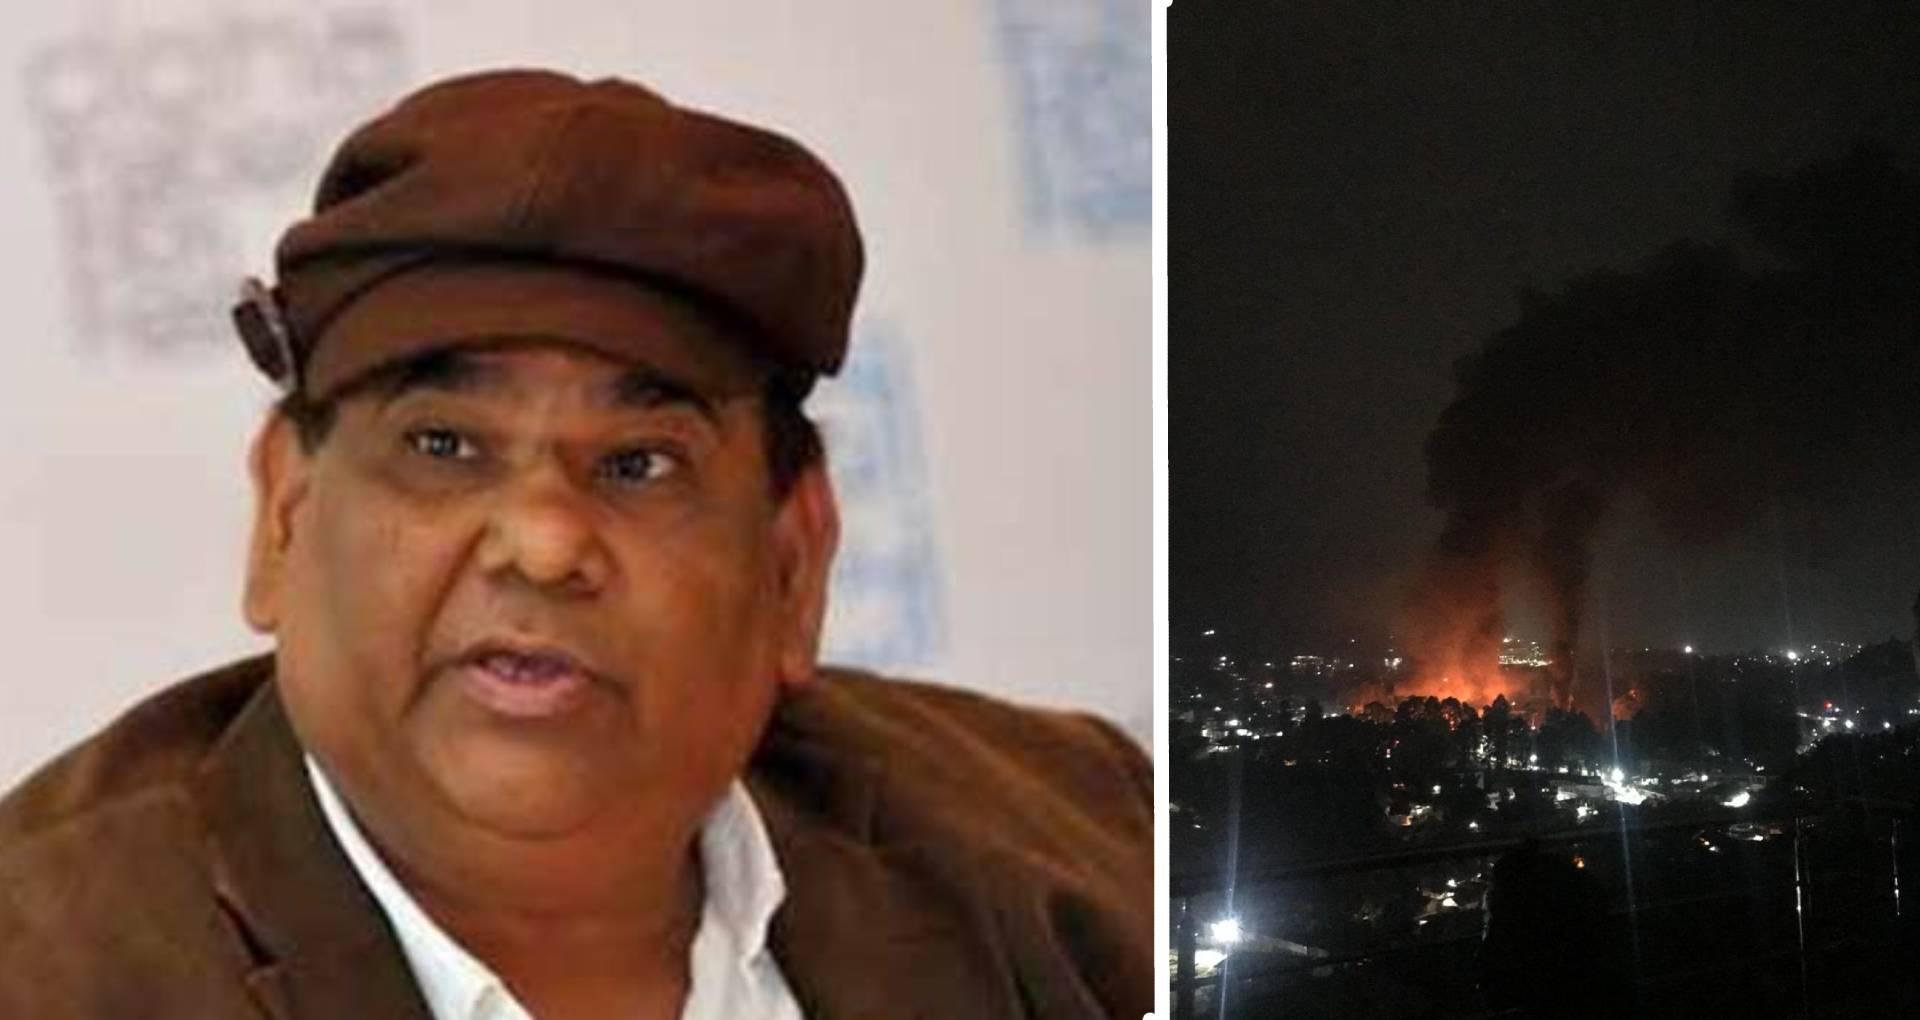 अरुणाचल प्रदेश में डायरेक्टर-एक्टर सतीश कौशिक के 5 थिएटर जलकर खाक, प्रदर्शनकारियों ने इस वजह से लगाई आग